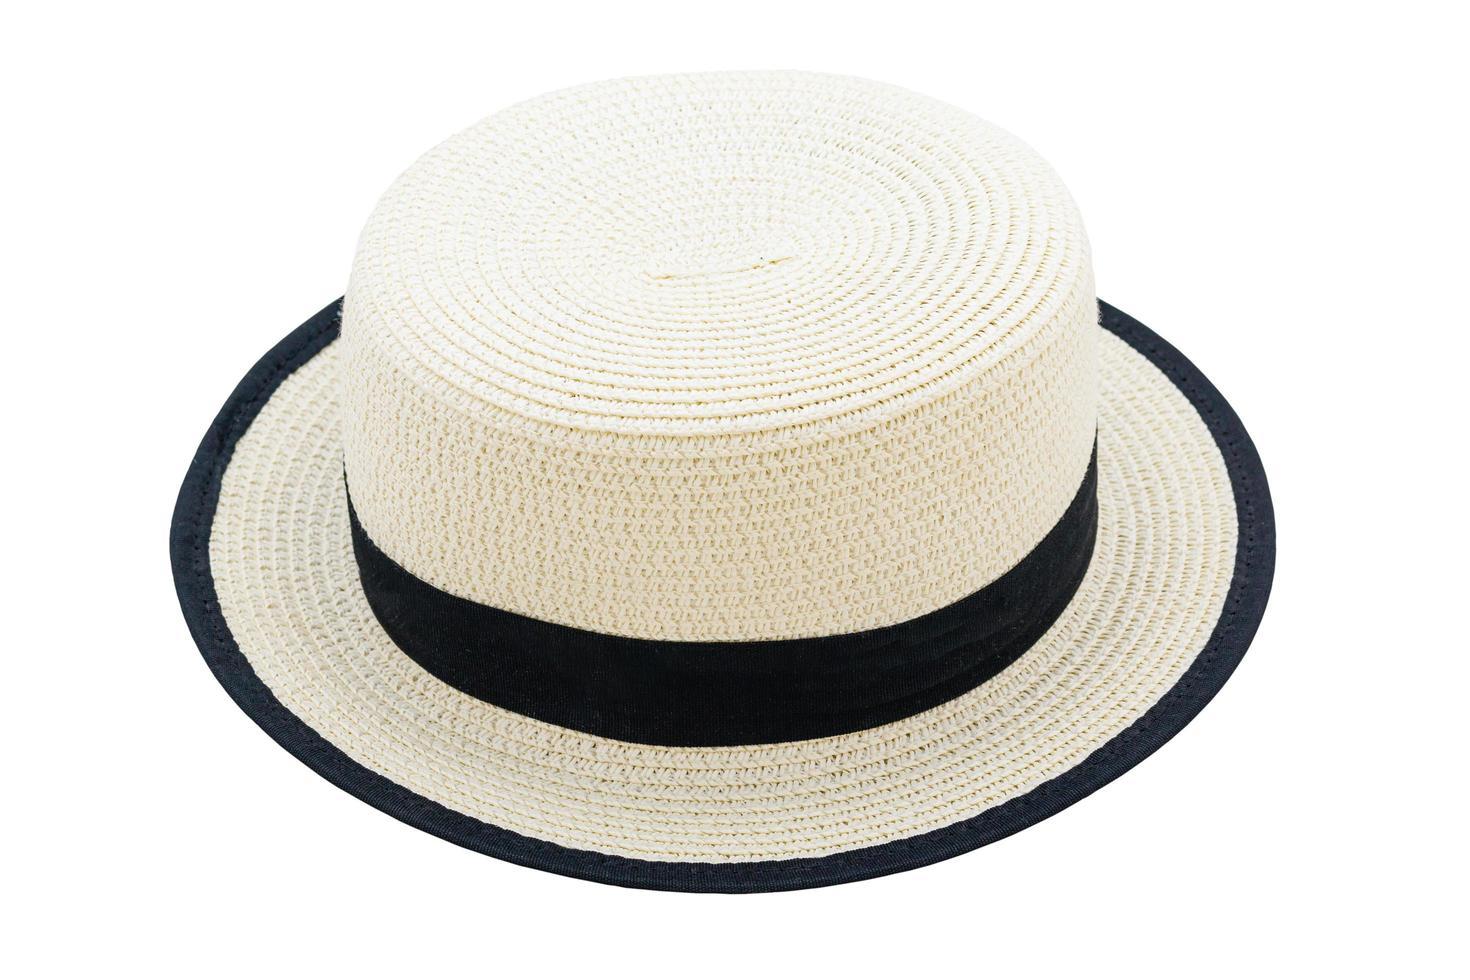 Bonito sombrero de paja aislado sobre un fondo blanco. foto